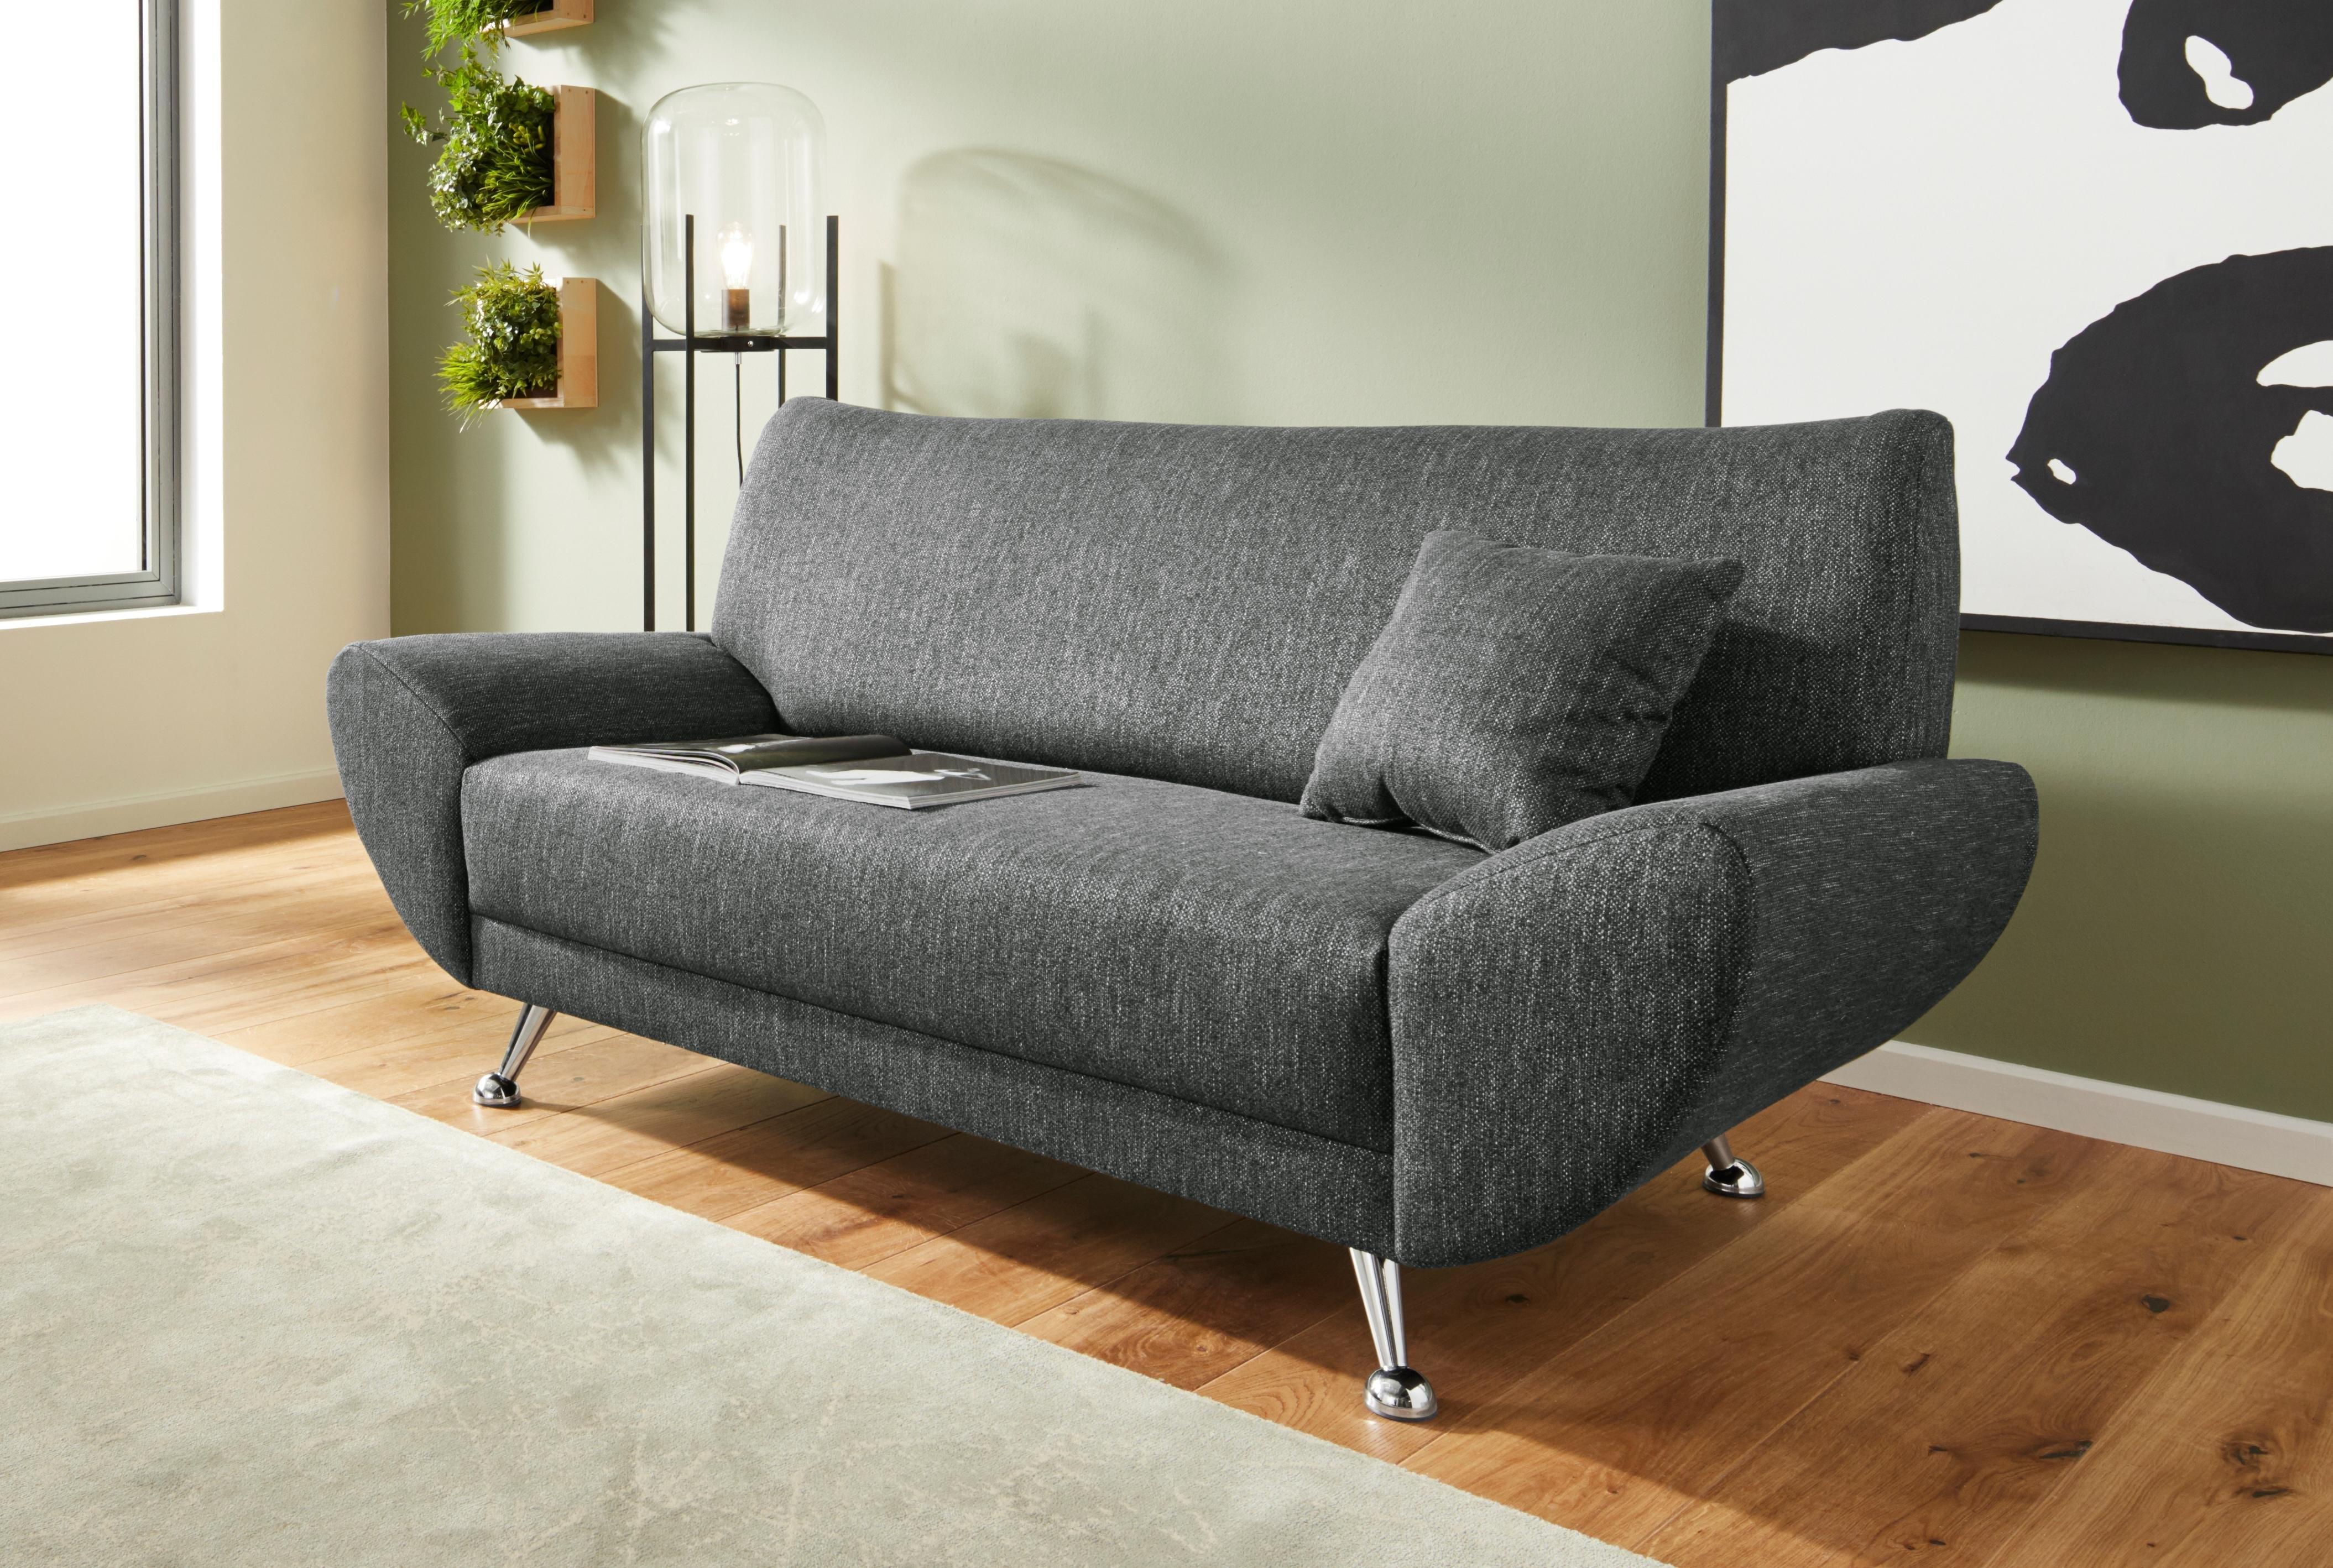 benformato sofa mbel von benformato fr wohnzimmer gnstig. Black Bedroom Furniture Sets. Home Design Ideas